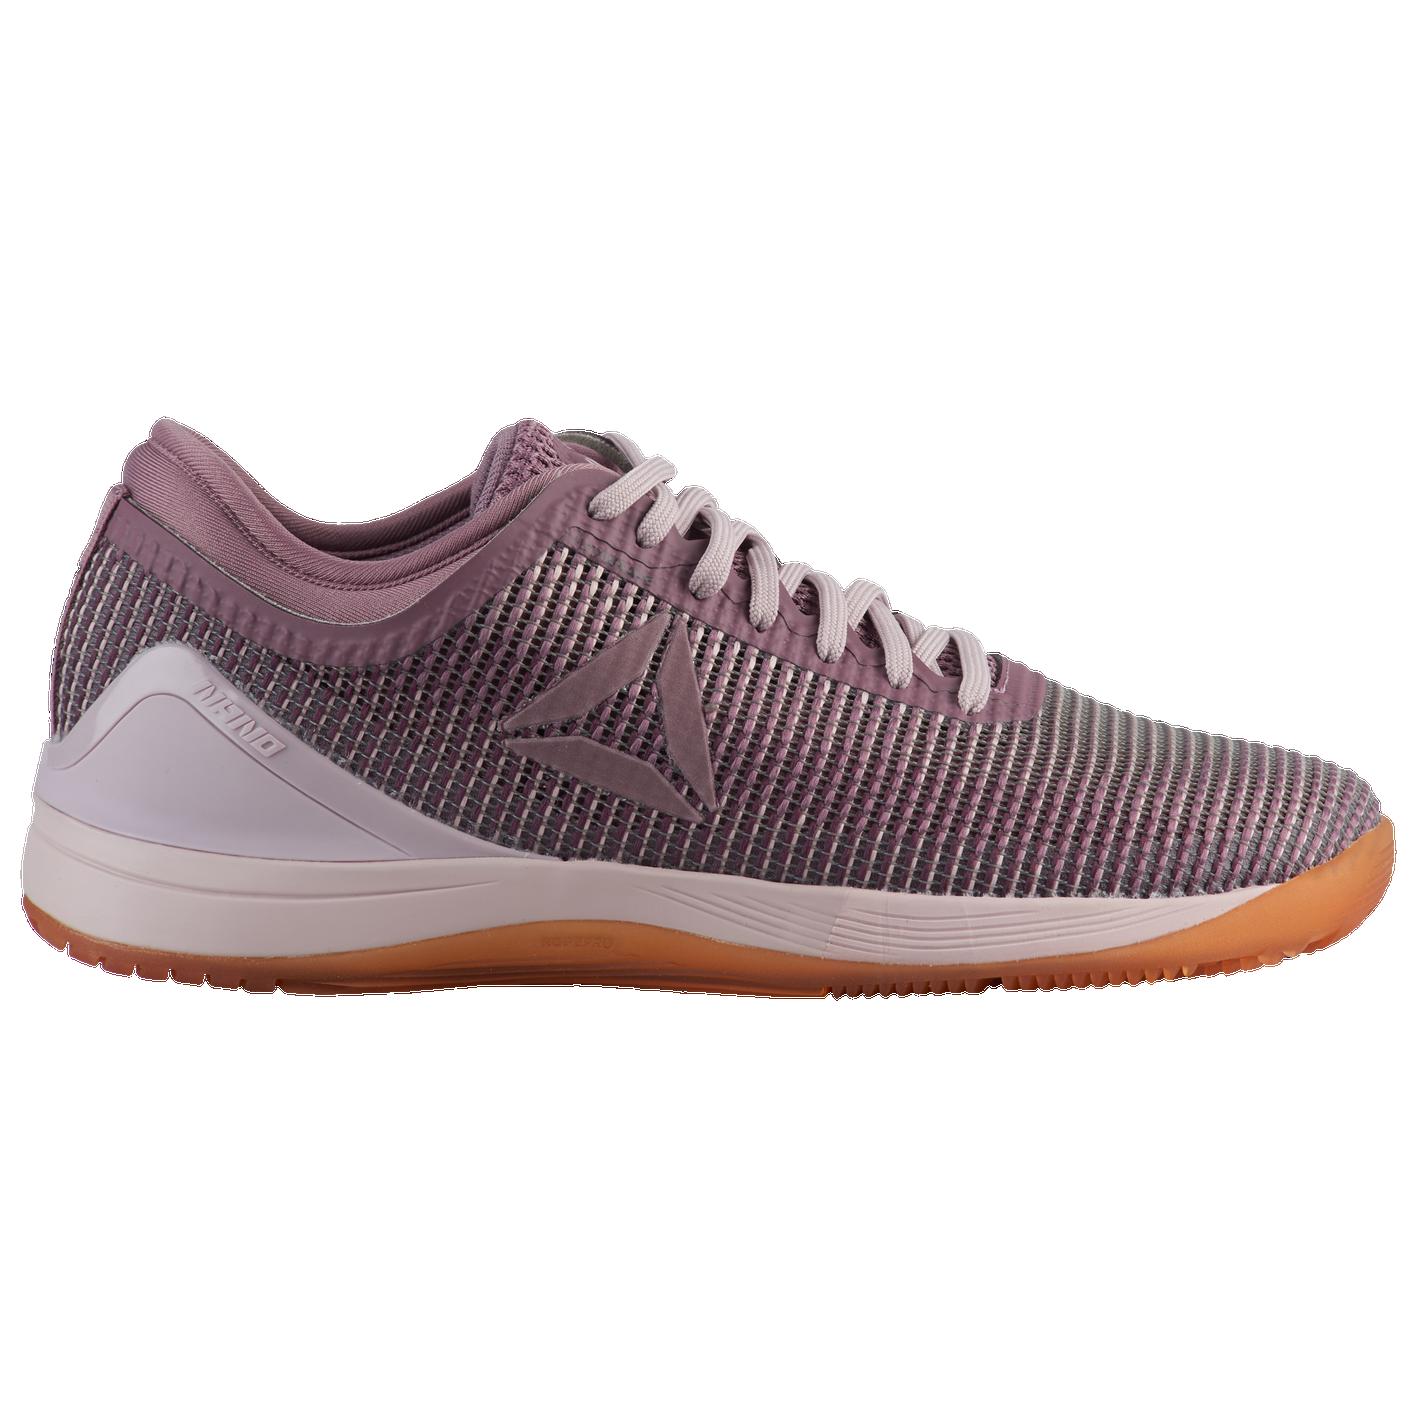 2094324e7dfc9d Reebok Crossfit Nano 8.0 - Women s - Training - Shoes - Ashen Lilac ...